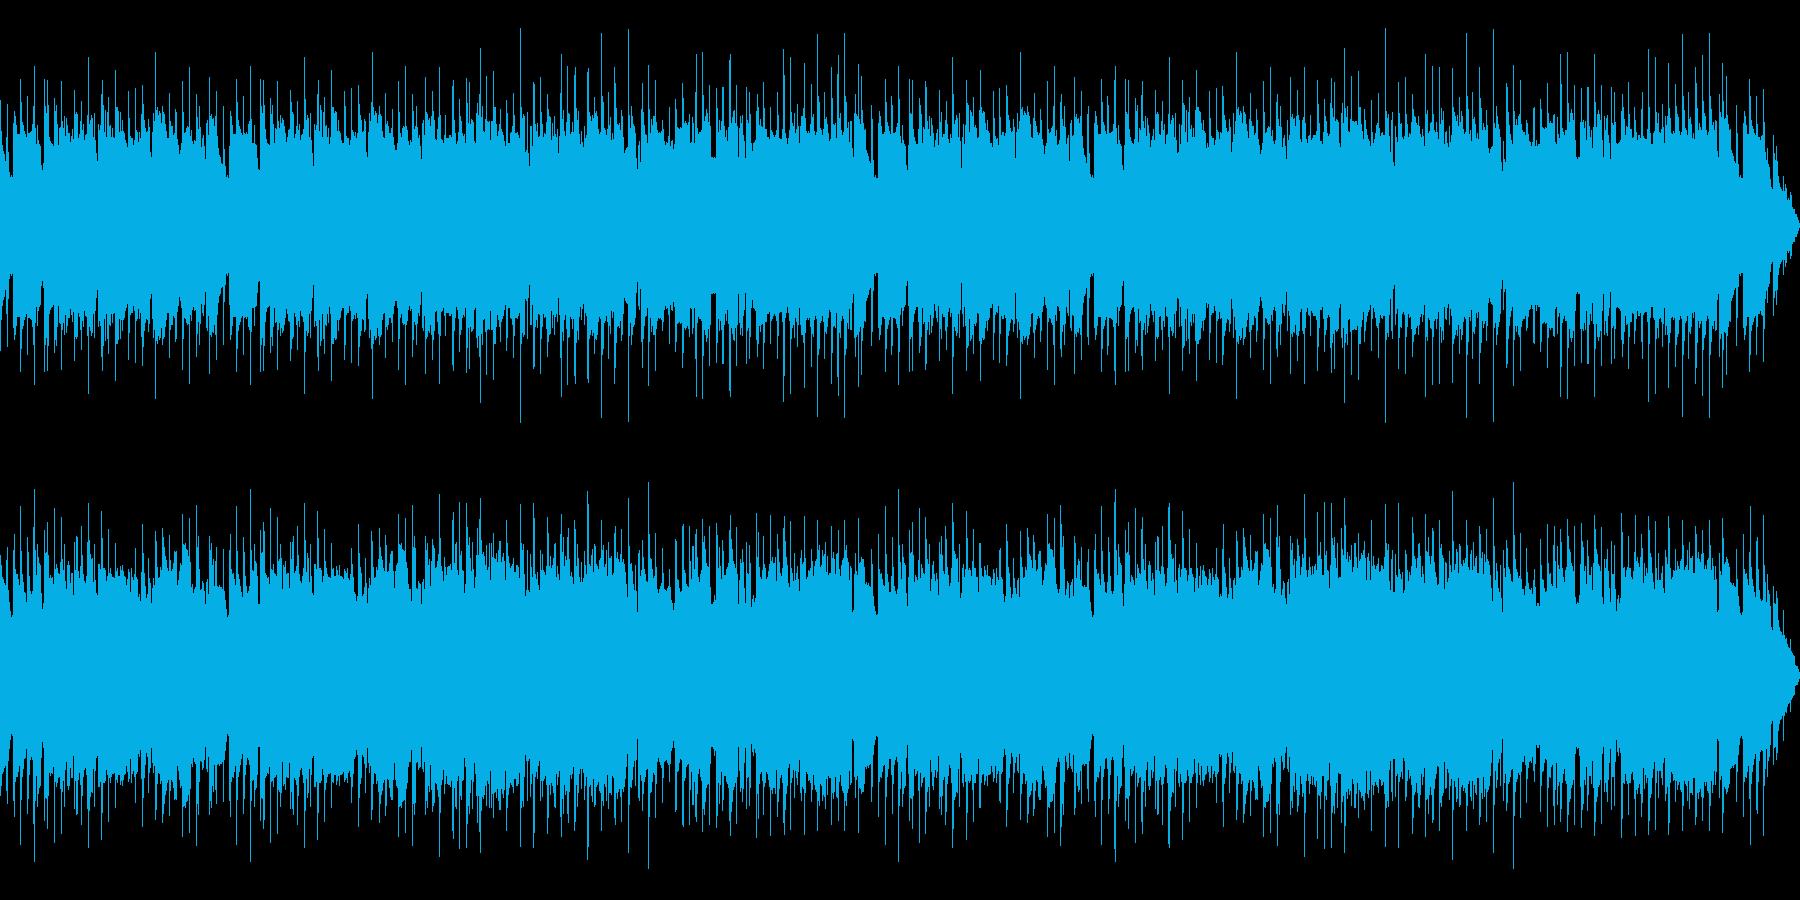 ほのぼのとした明るいBGMの再生済みの波形